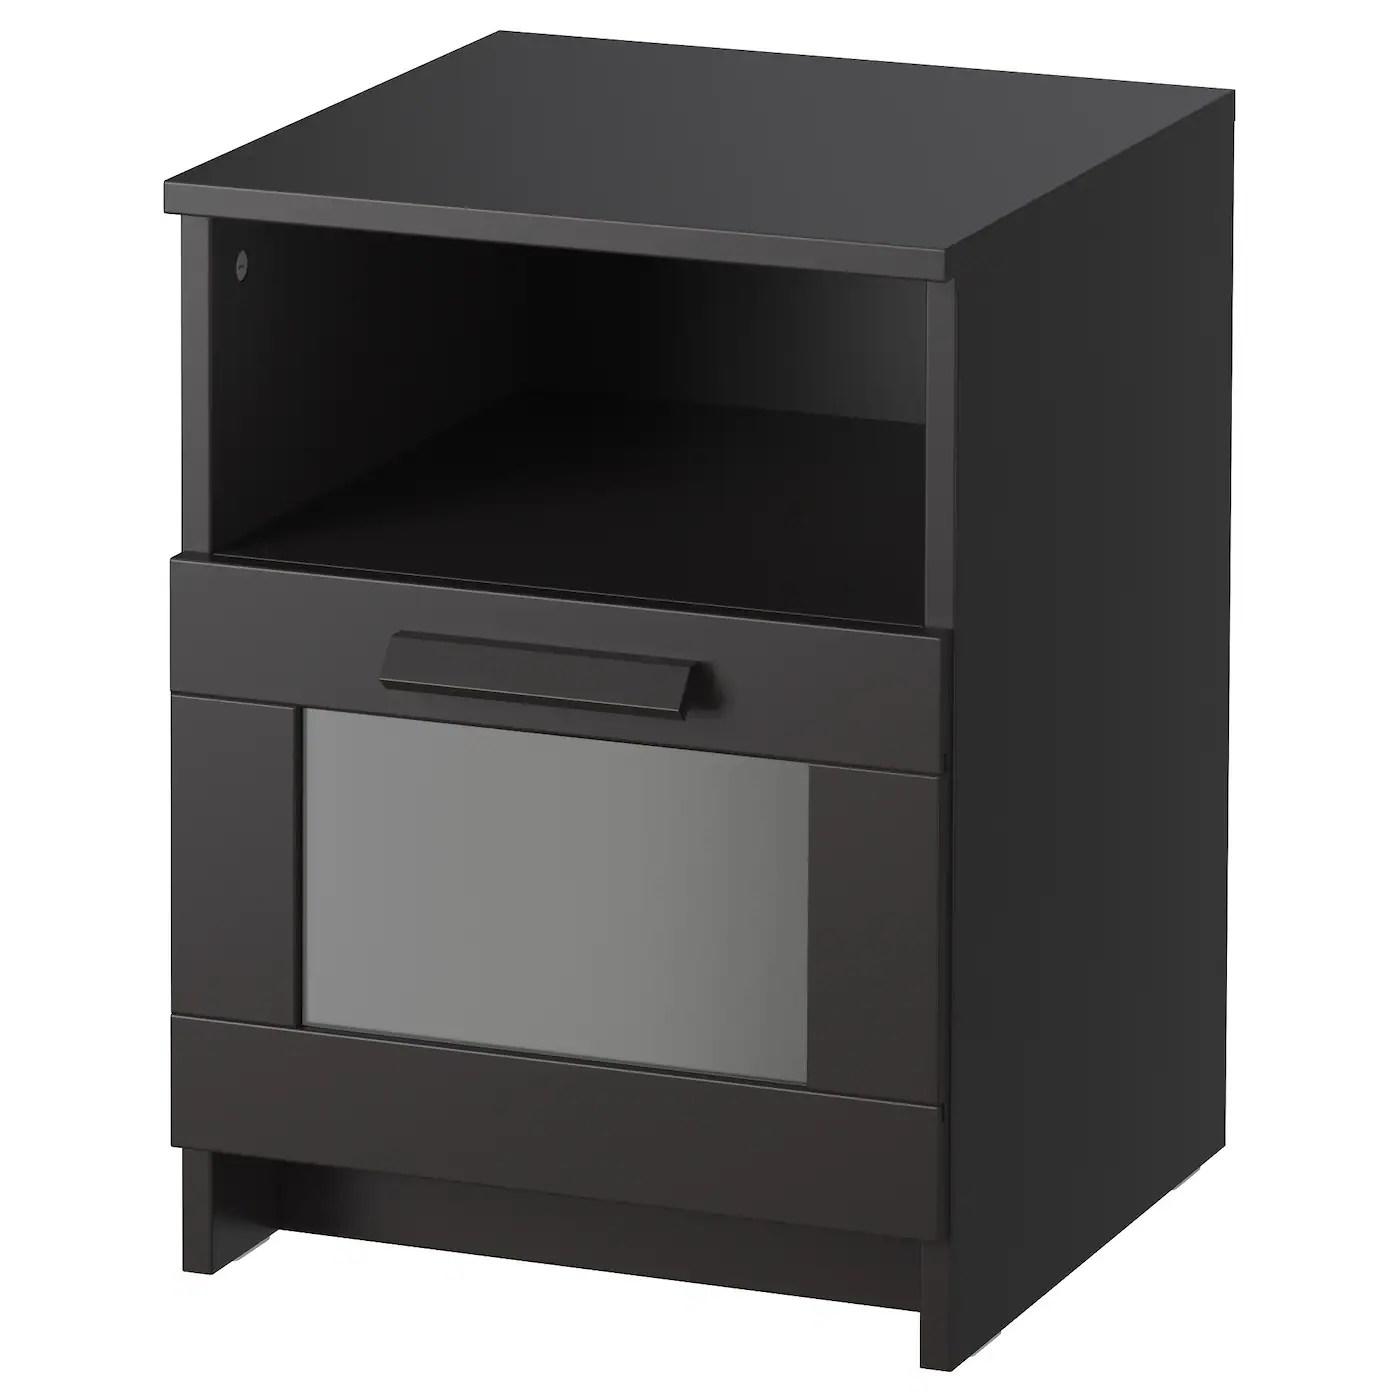 BRIMNES Cadre Lit Avec Rangement Noir 160 X 200 Cm IKEA